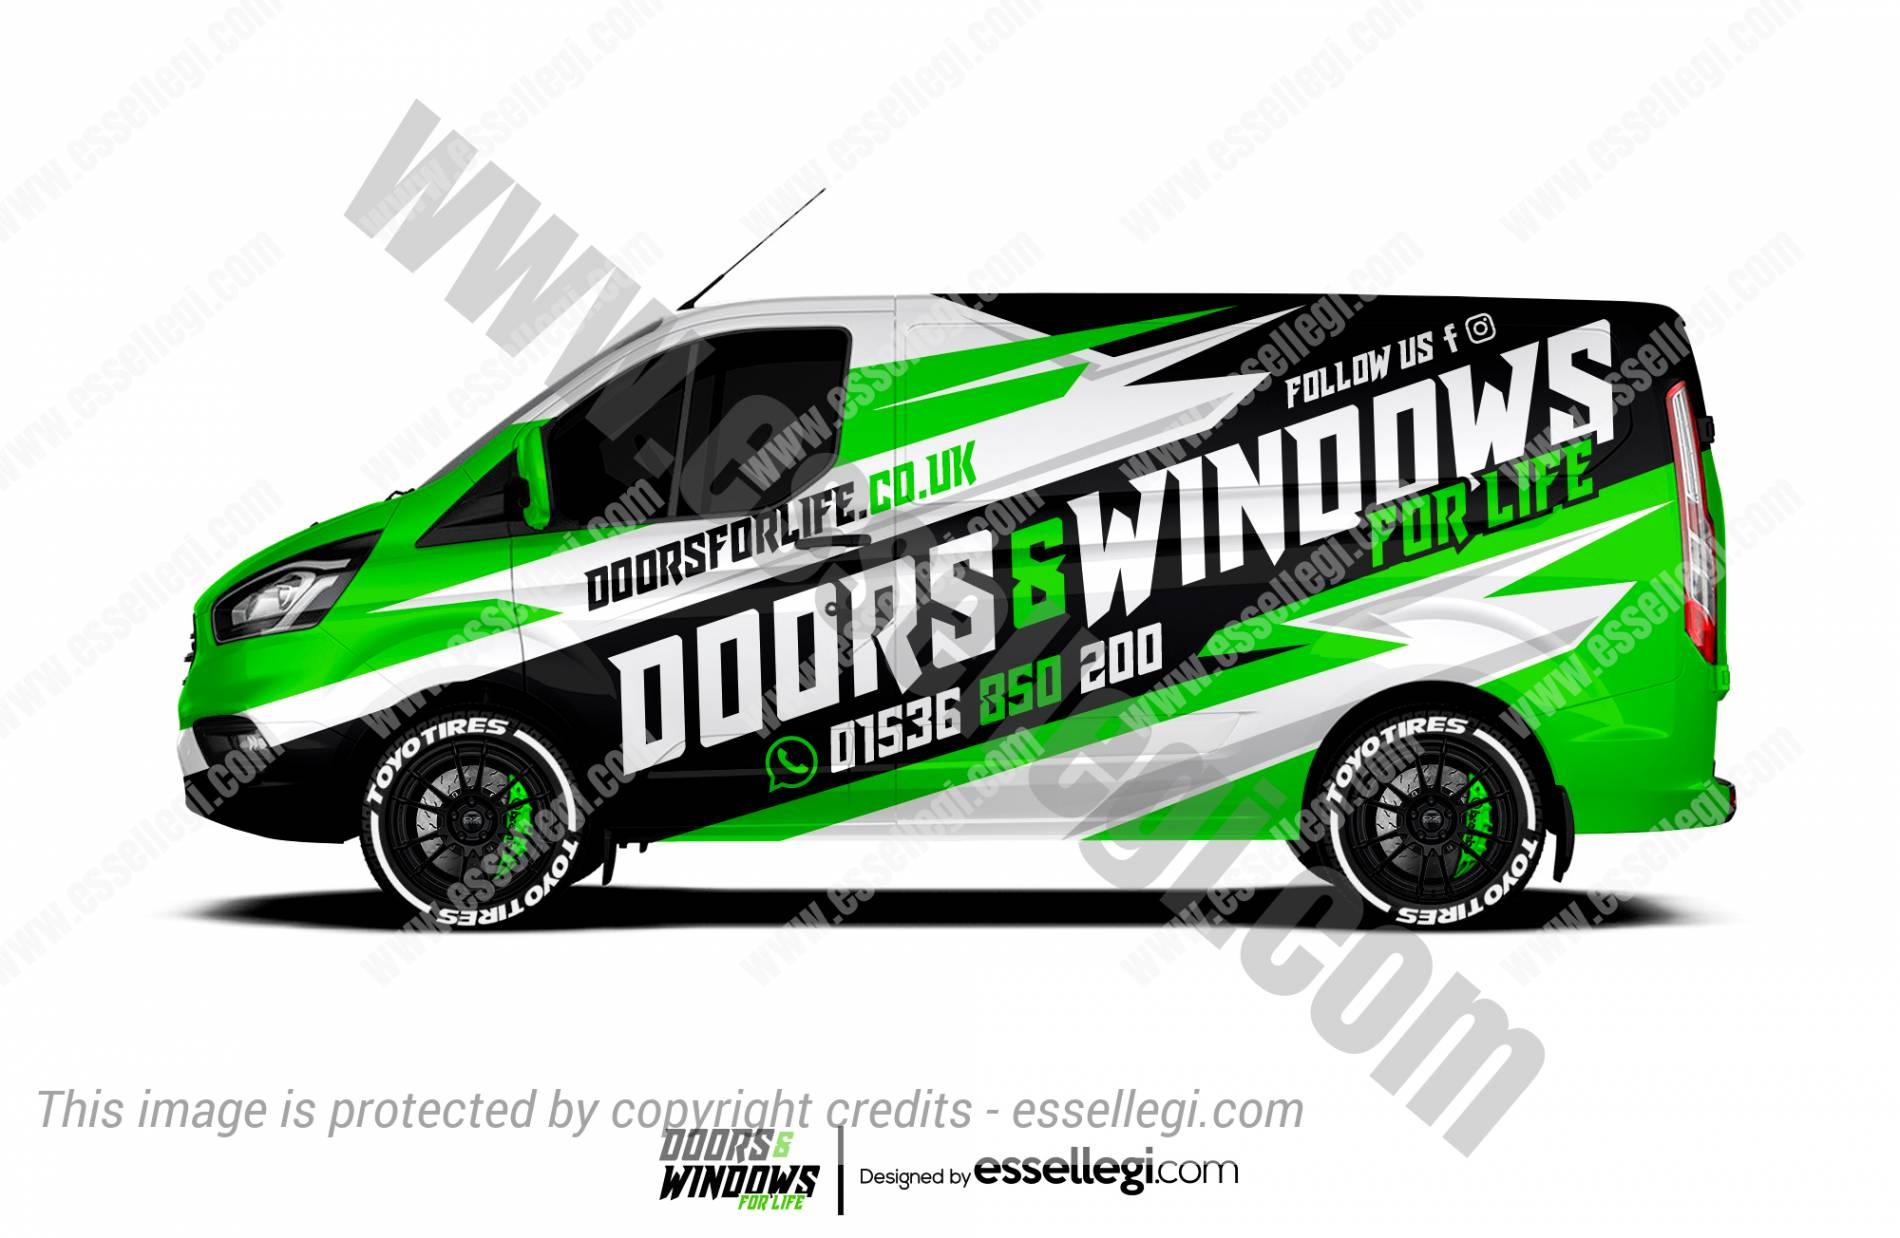 DOORS & WINDOWS FOR LIFE | VAN WRAP DESIGN 🇬🇧